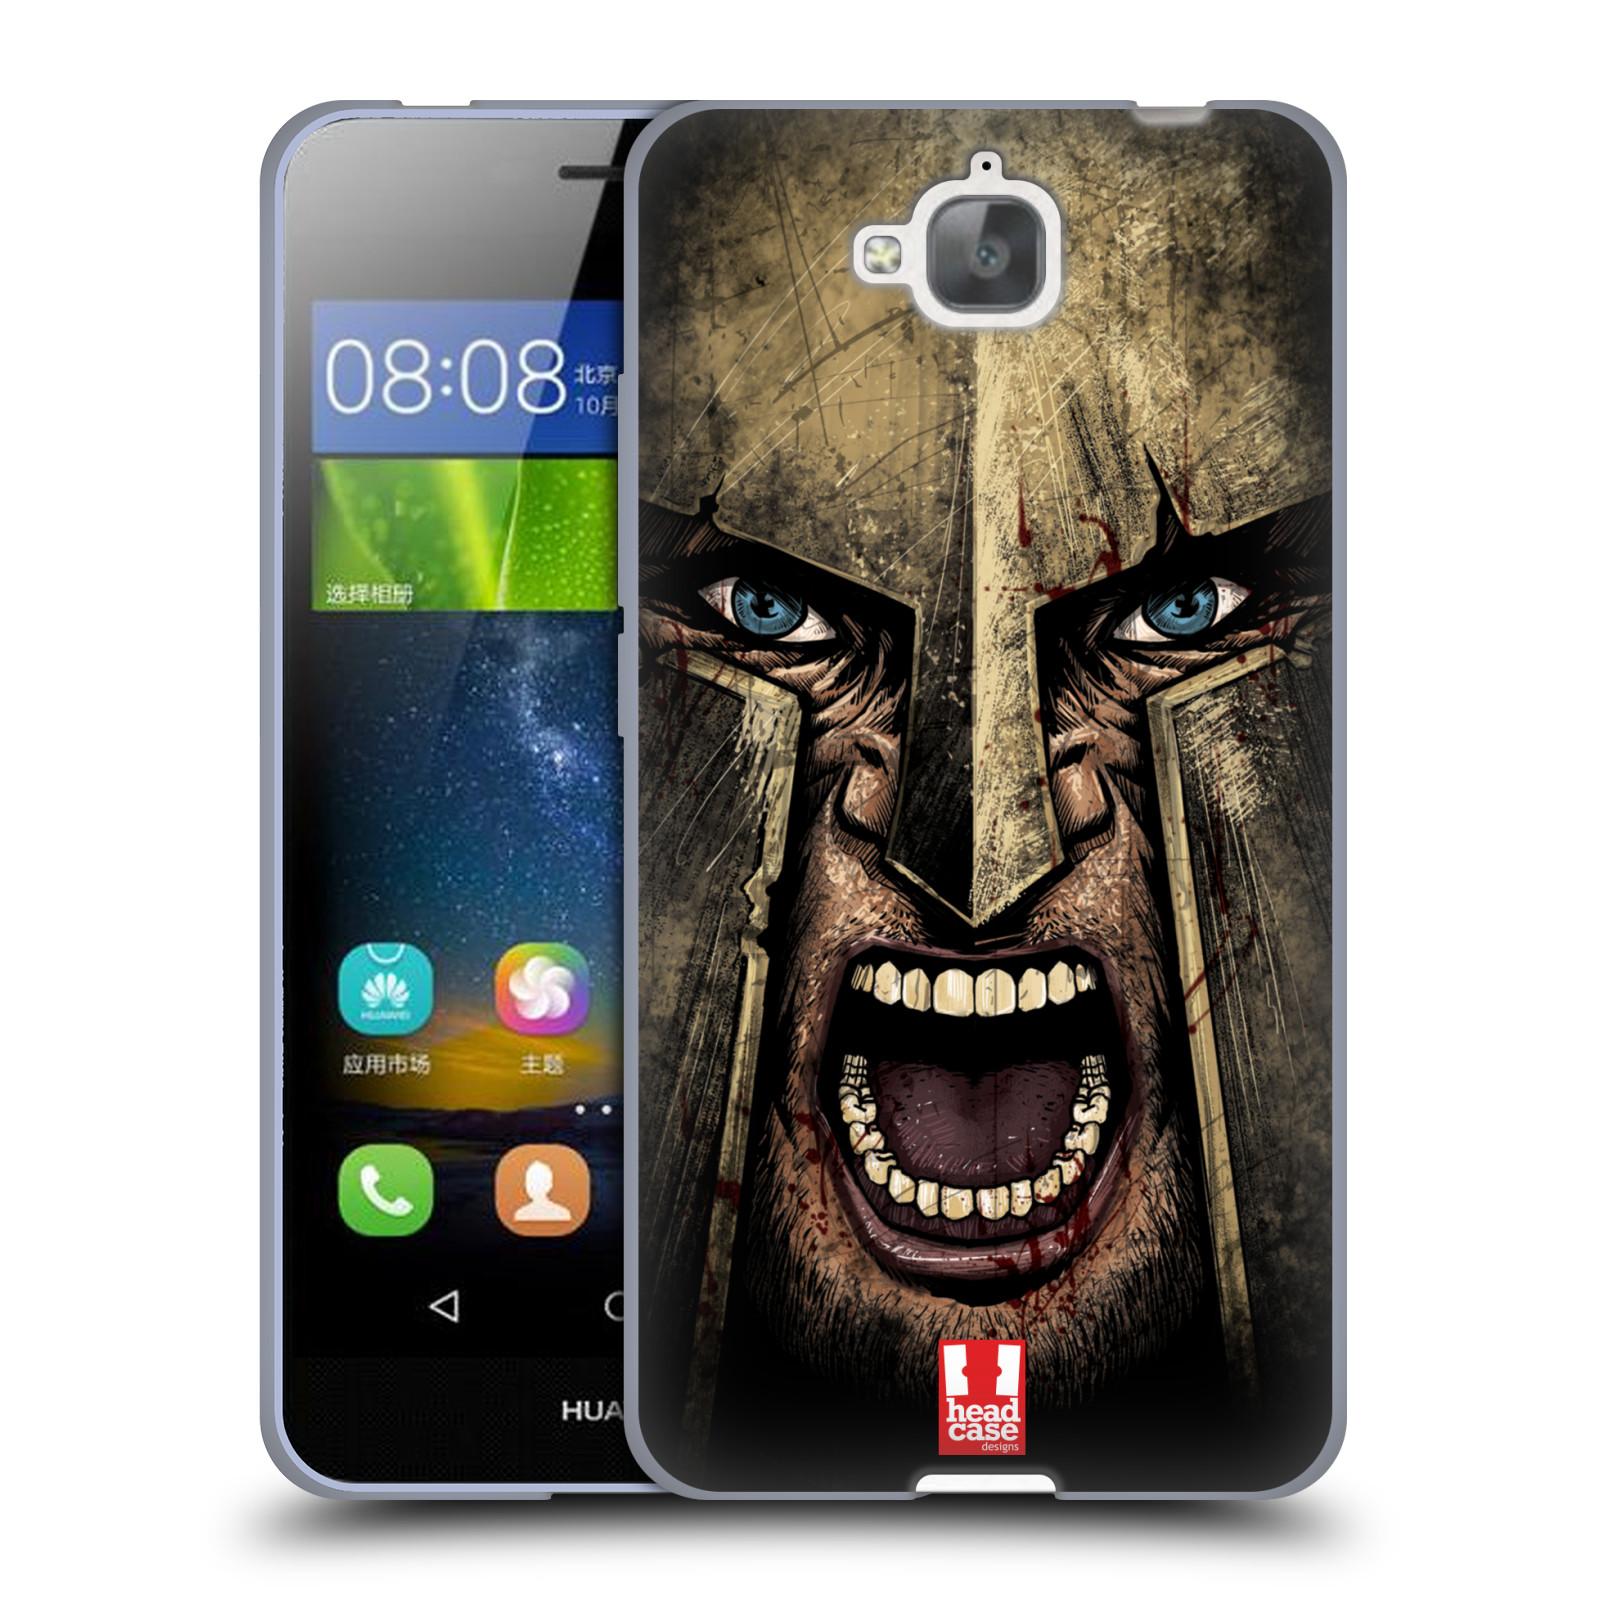 Silikonové pouzdro na mobil Huawei Y6 Pro Dual Sim - Head Case - Řvoucí válečník